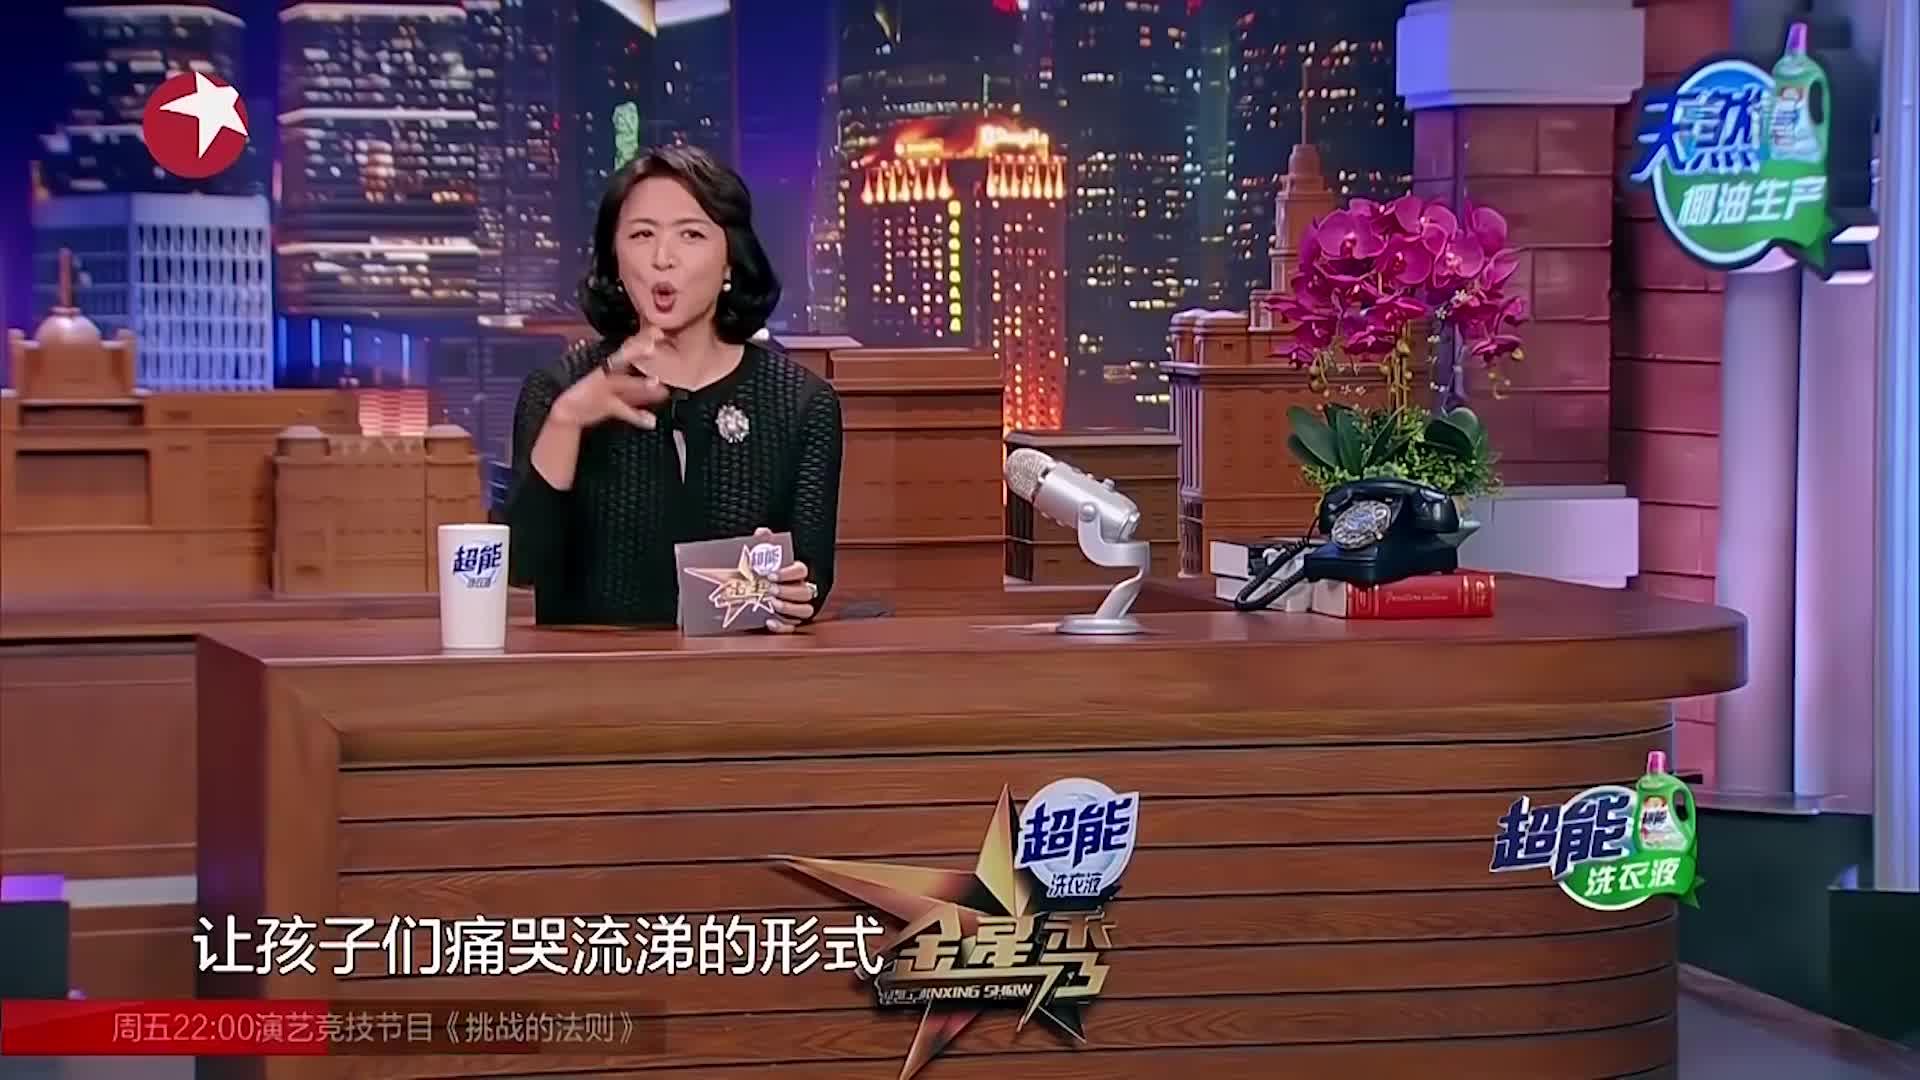 金星秀:现代p图技术多吓人,小岳岳变鹿晗,高晓松变金城武他弟